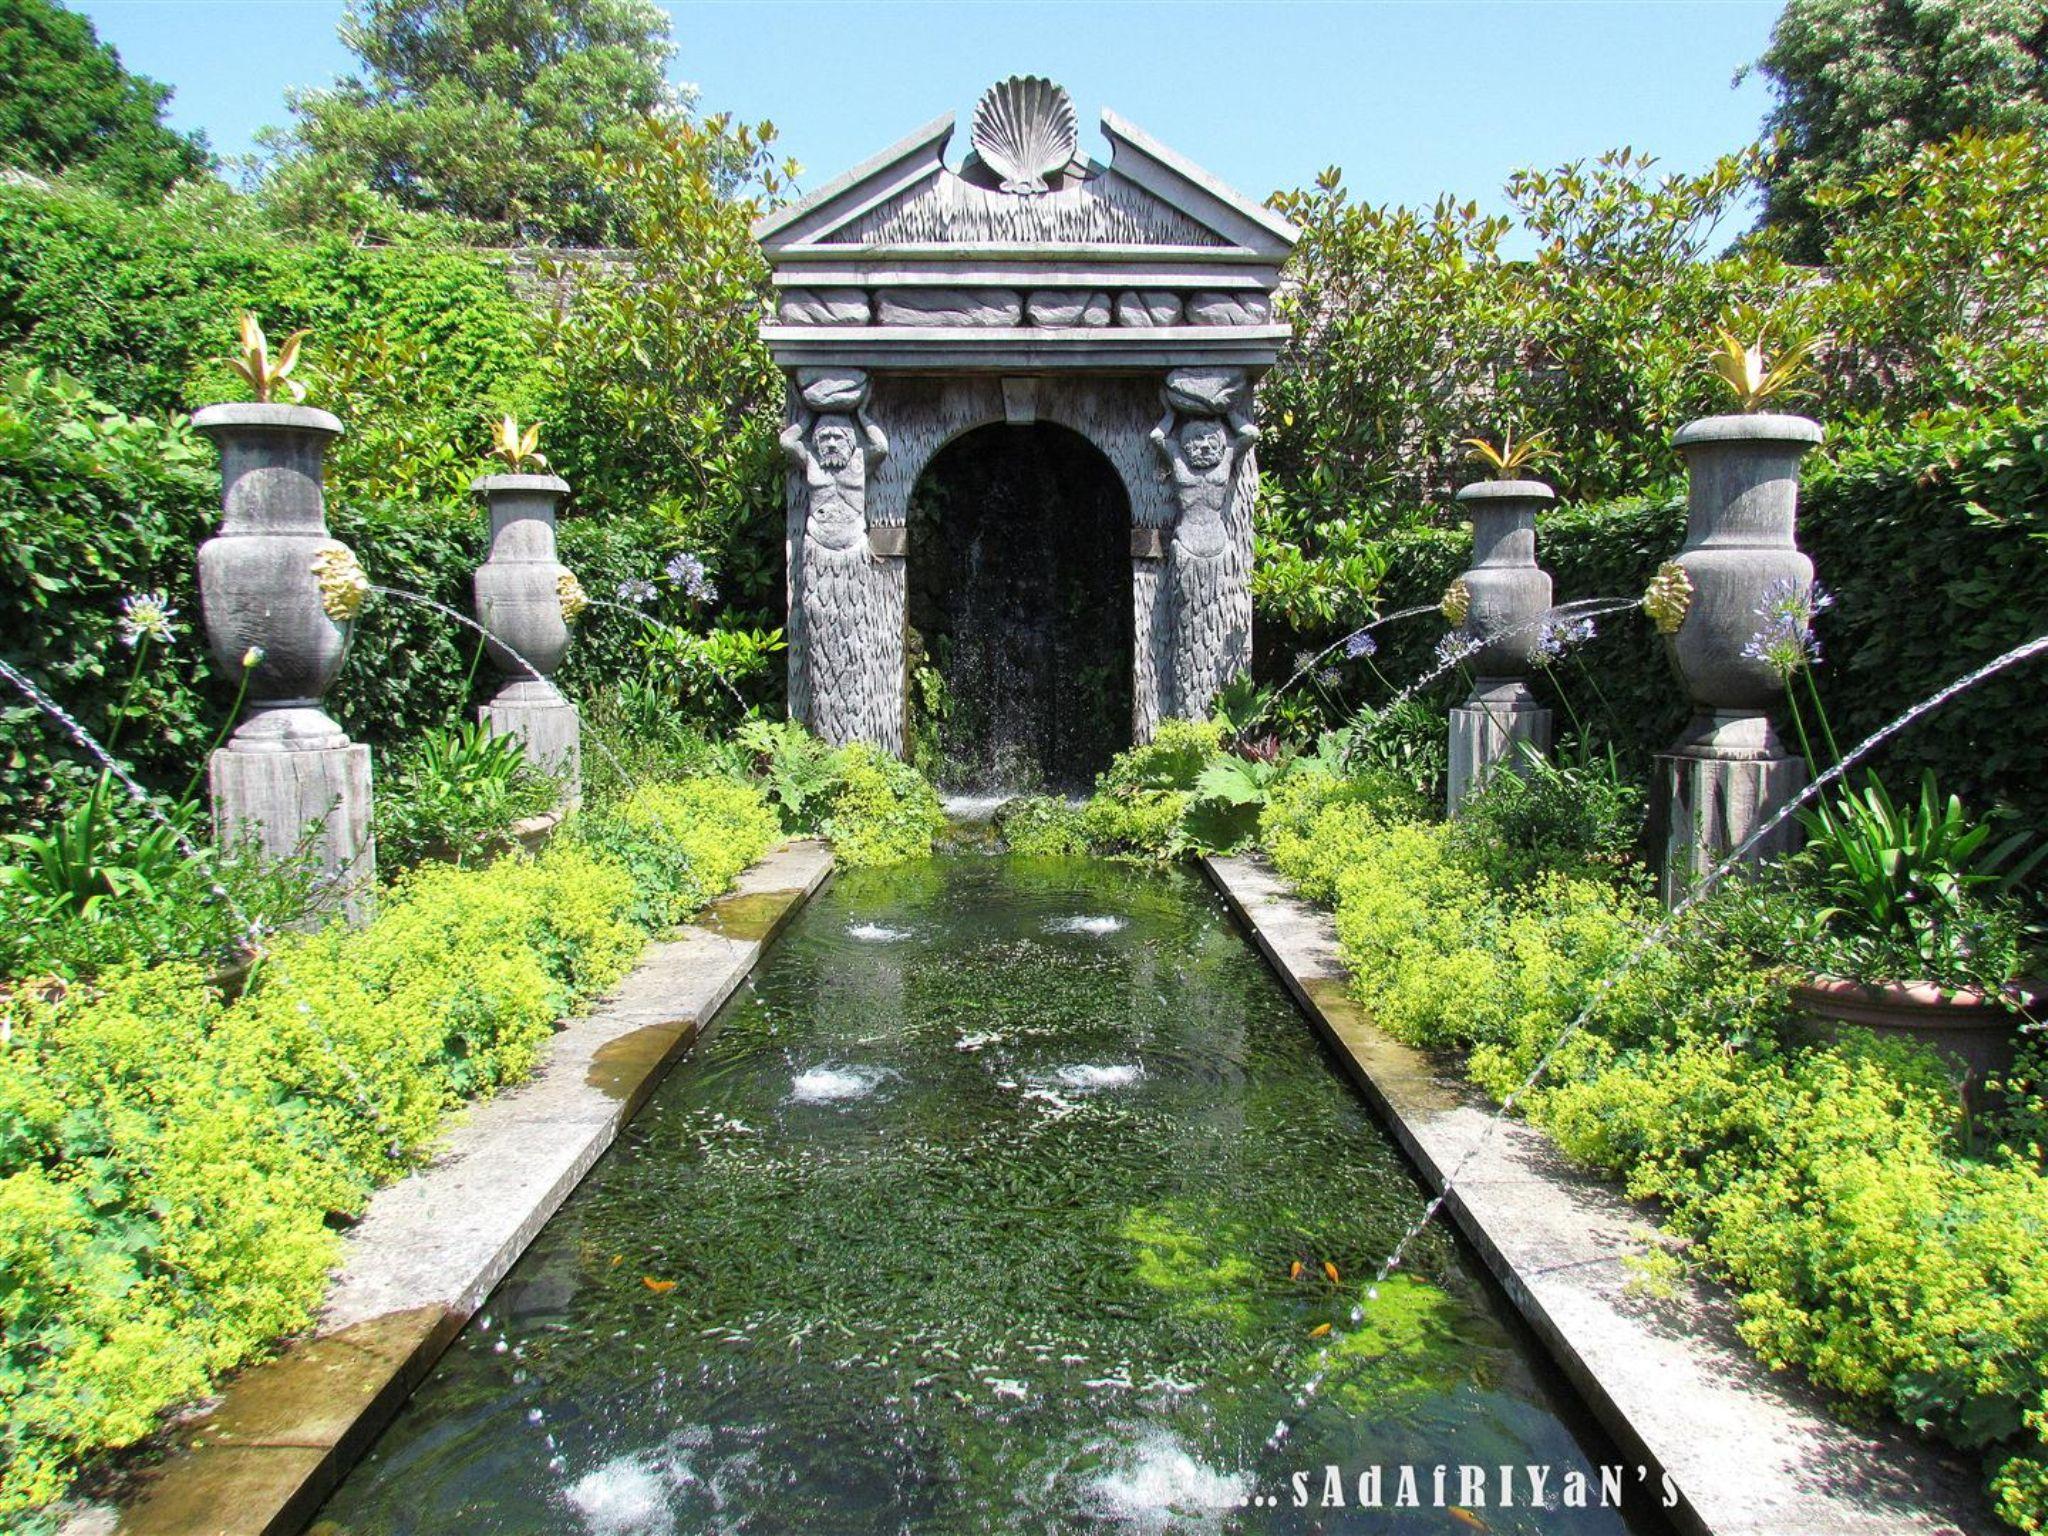 the earl's garden by sadafriyan